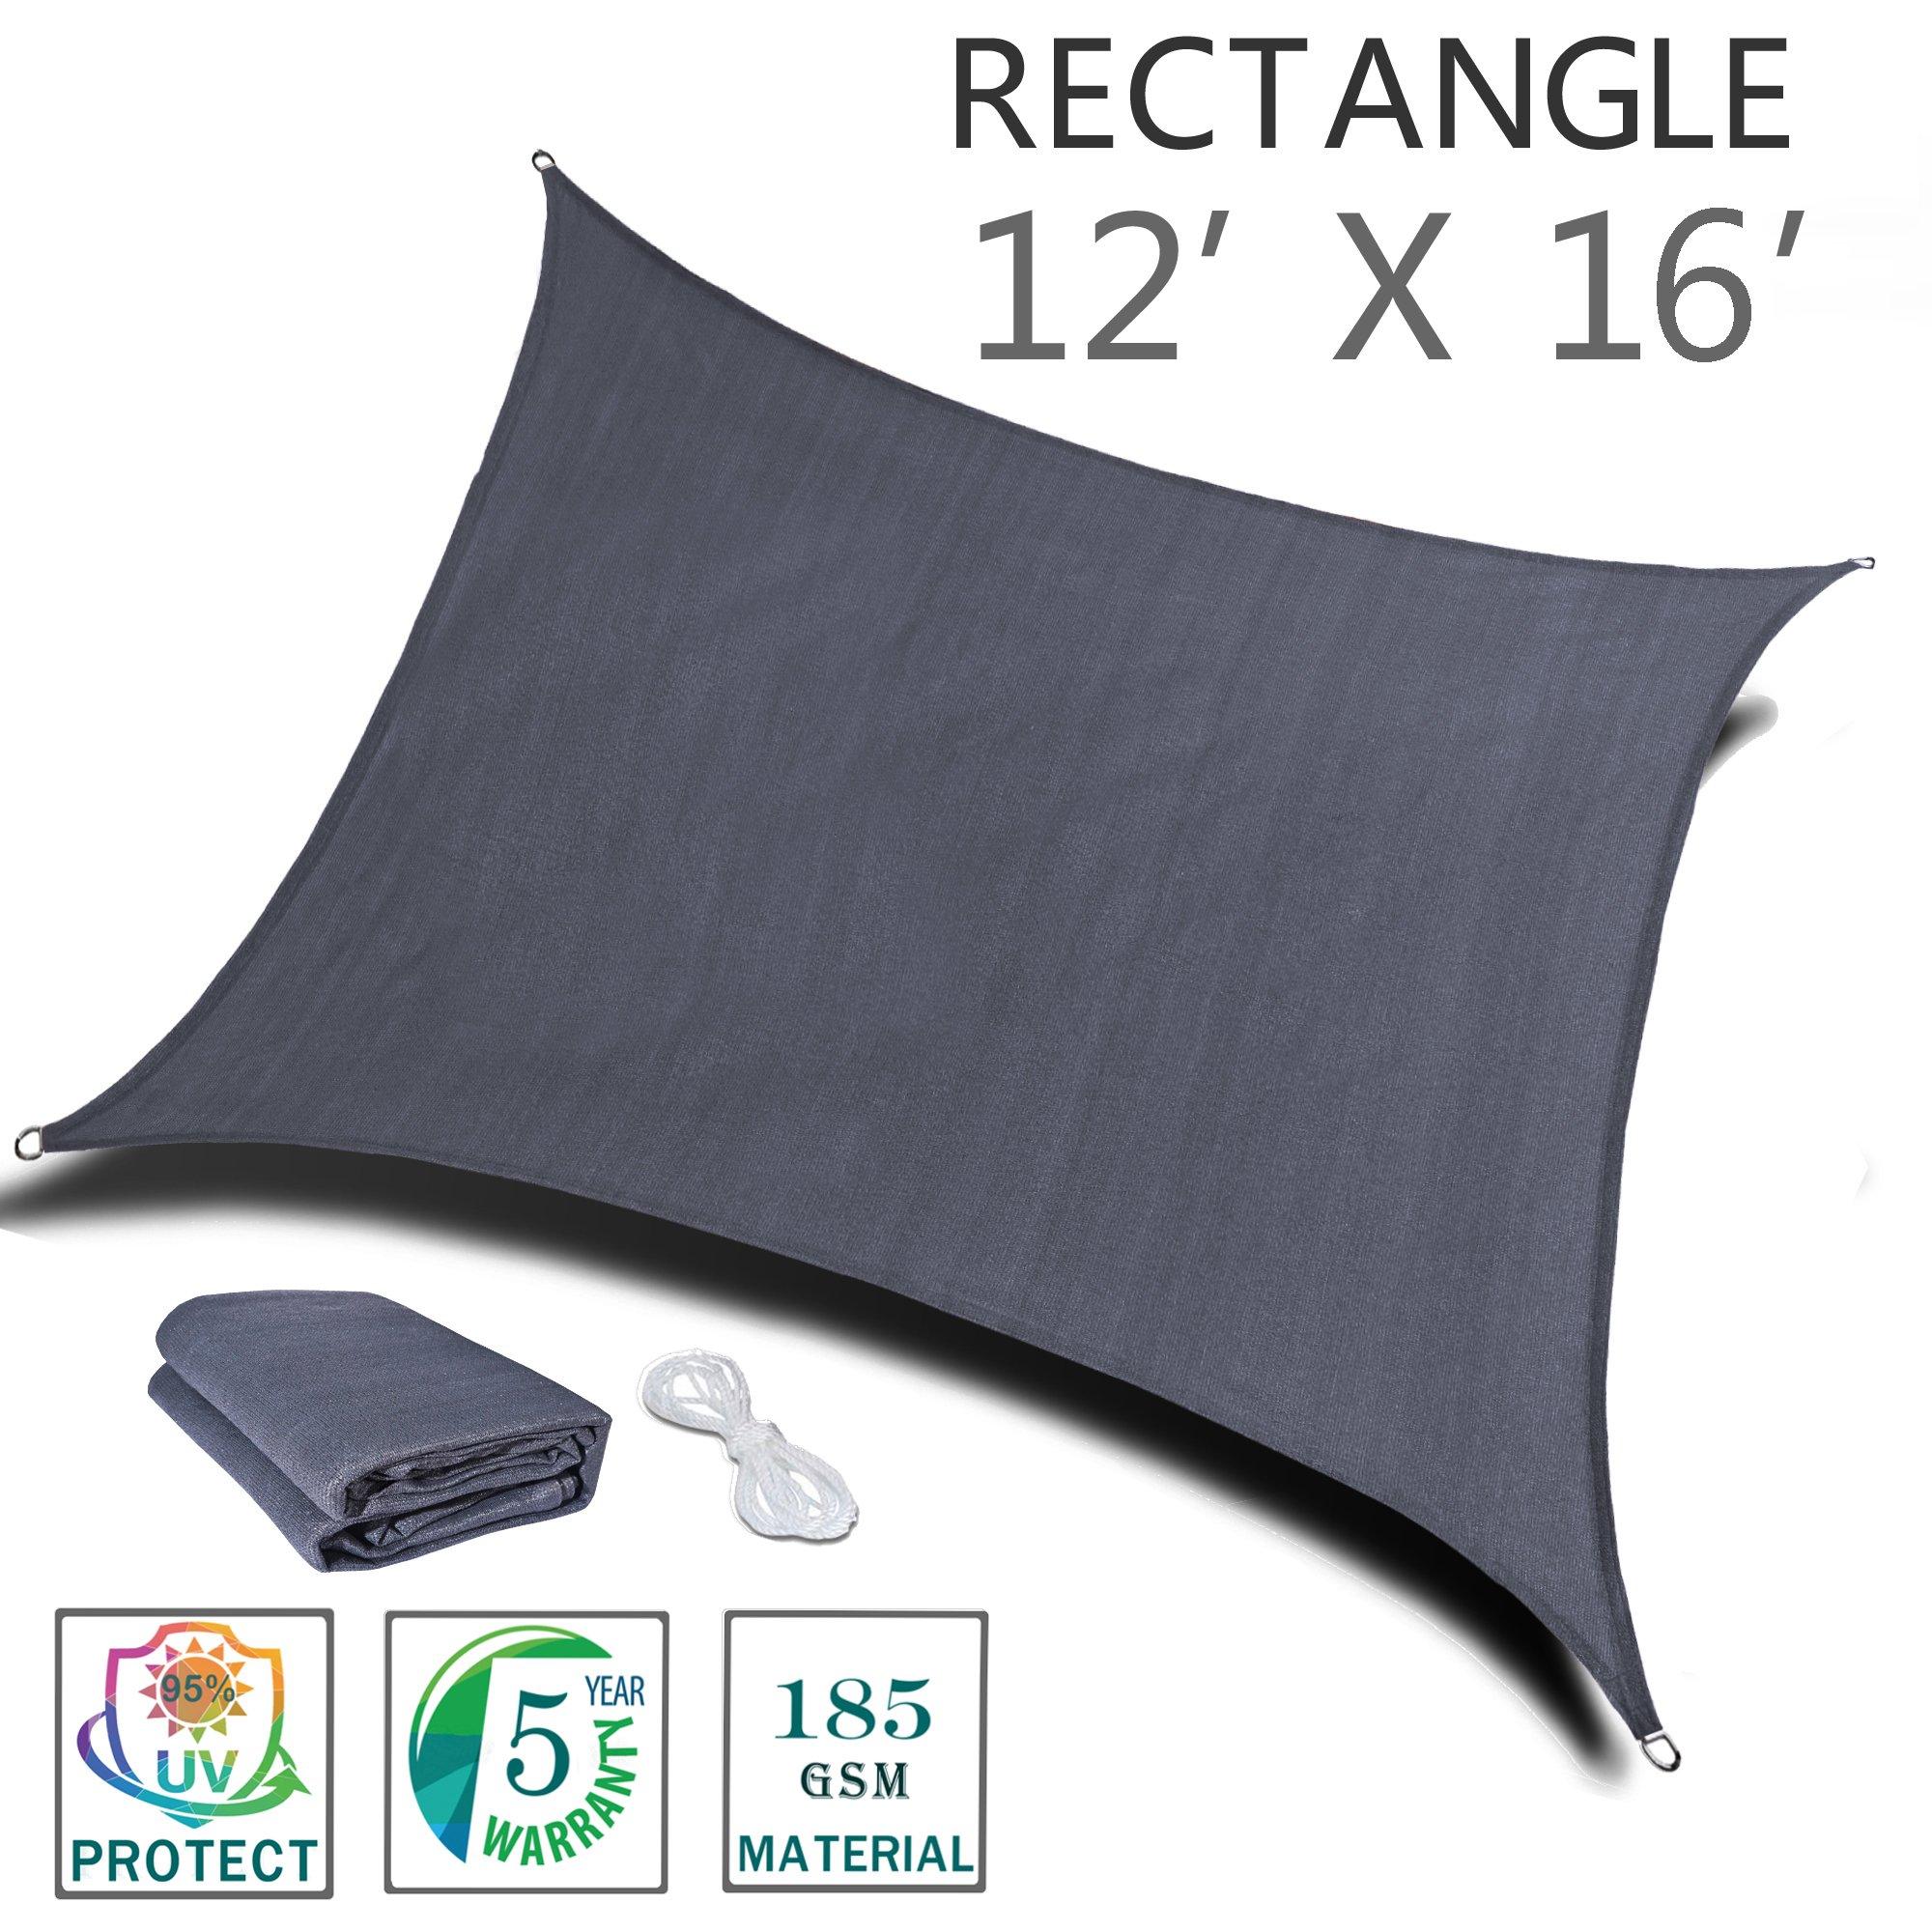 SUNNY GUARD 12' x 16' Charcoal Rectangle Sun Shade Sail UV Block for Outdoor Patio Garden